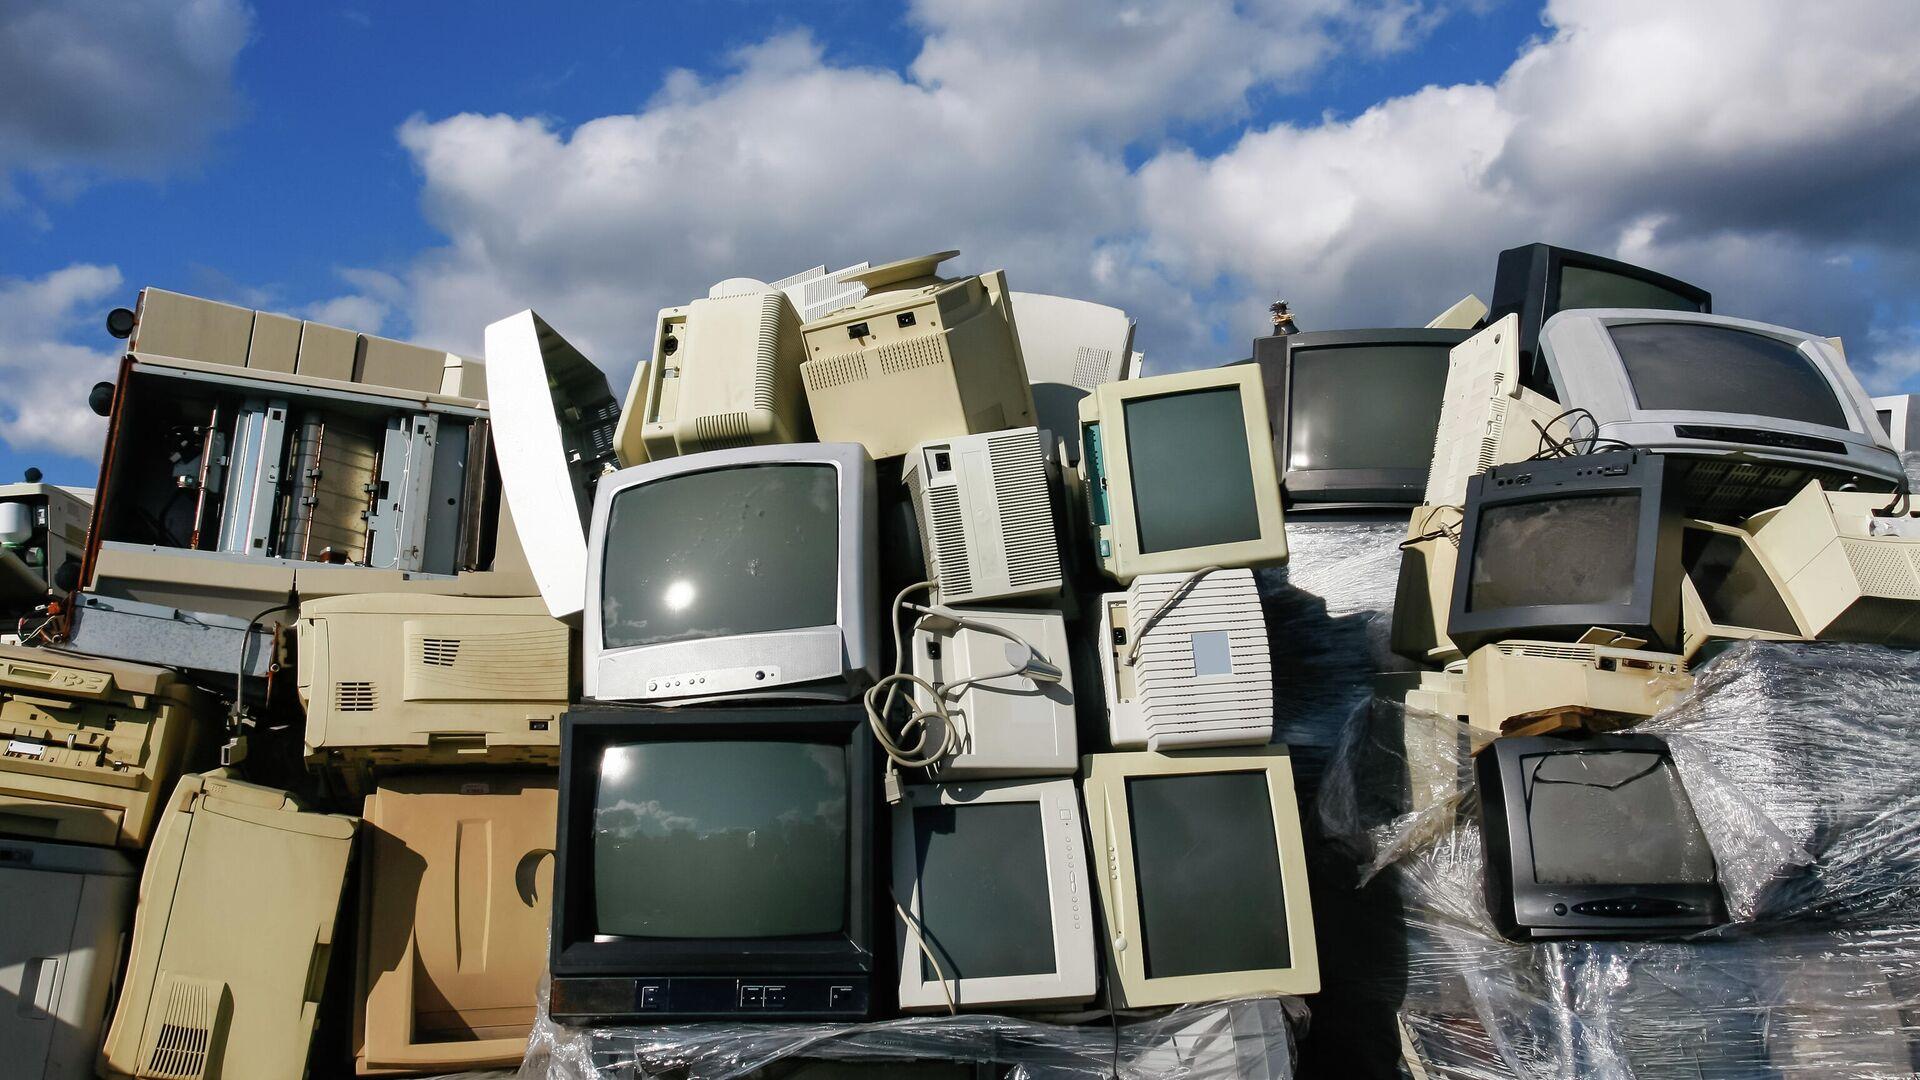 Утилизация электронных отходов - РИА Новости, 1920, 04.03.2021